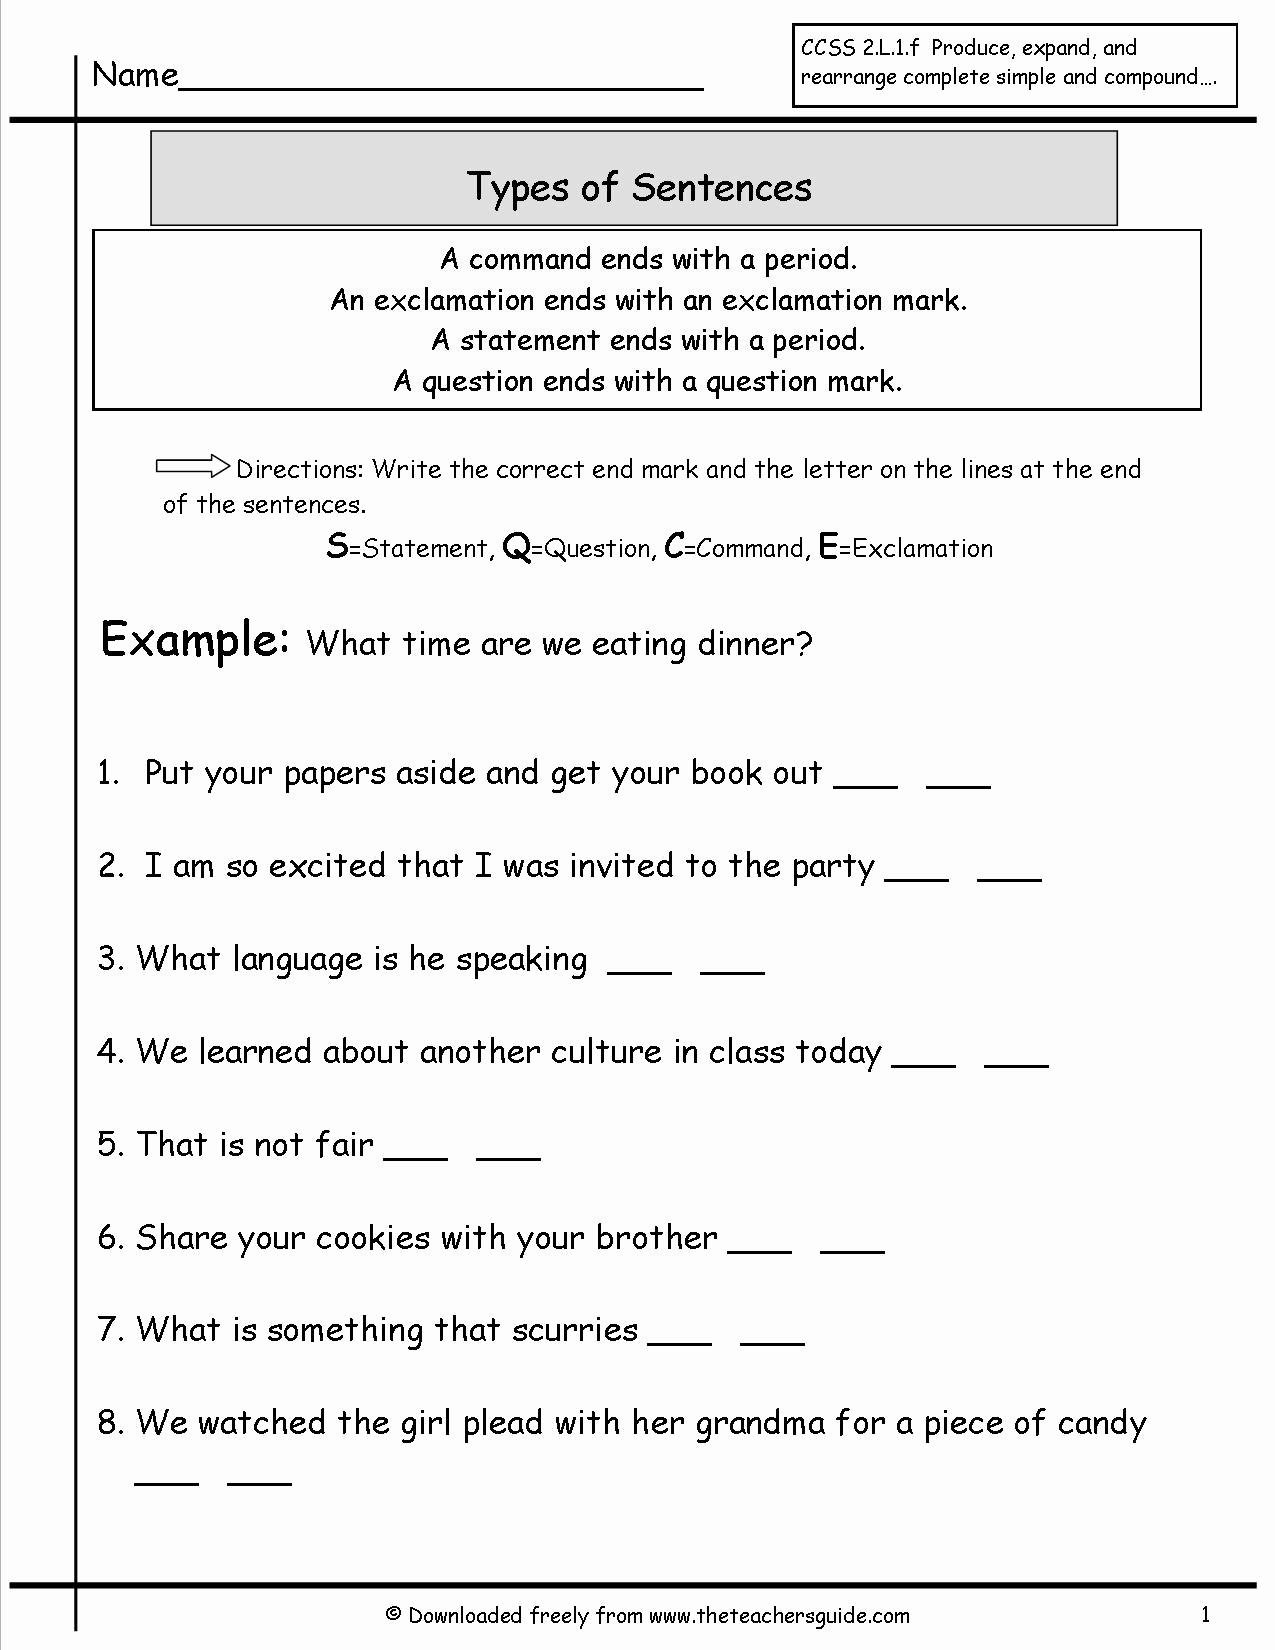 Four Kinds Of Sentences Worksheets Lovely 14 Best Of 4 Types Sentences Worksheets 4